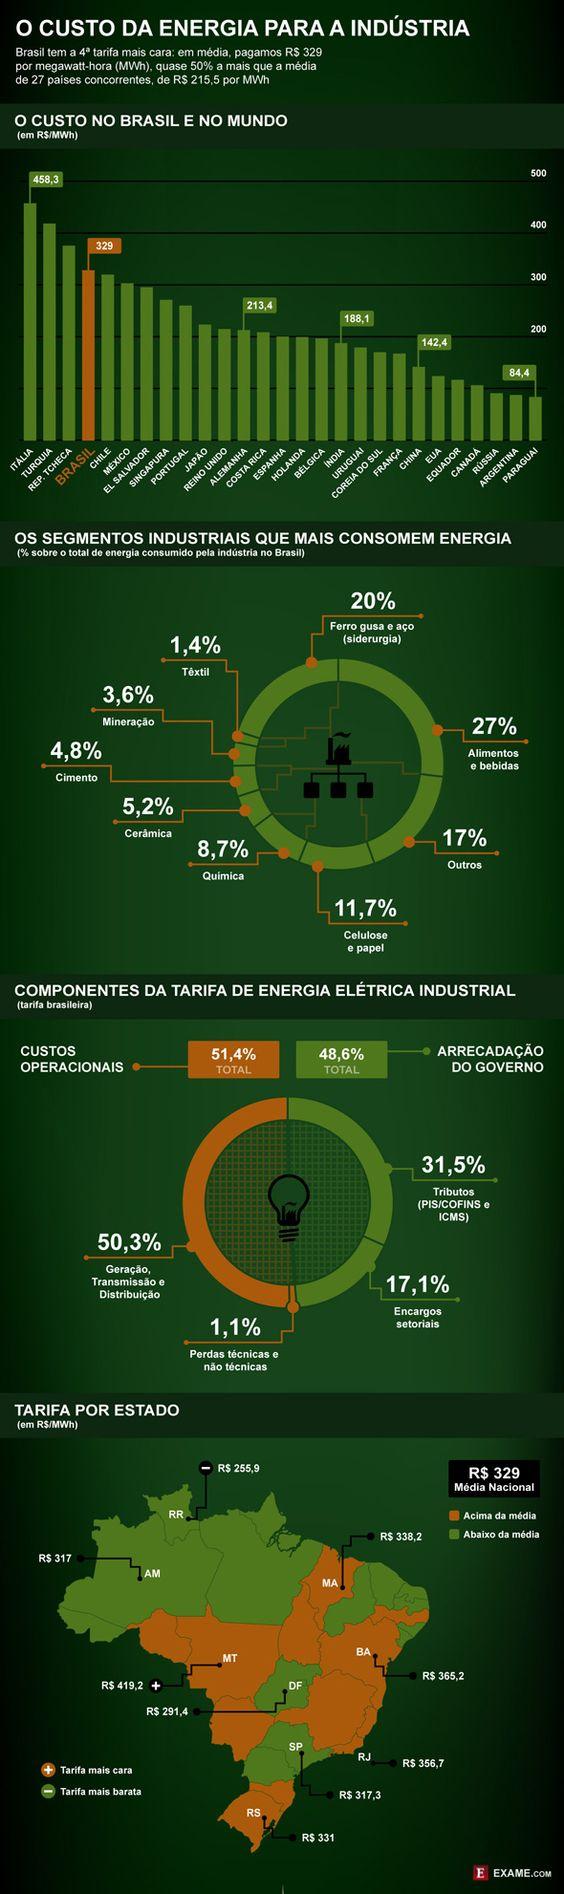 Quanto a indústria paga pela energia no Brasil e no mundo